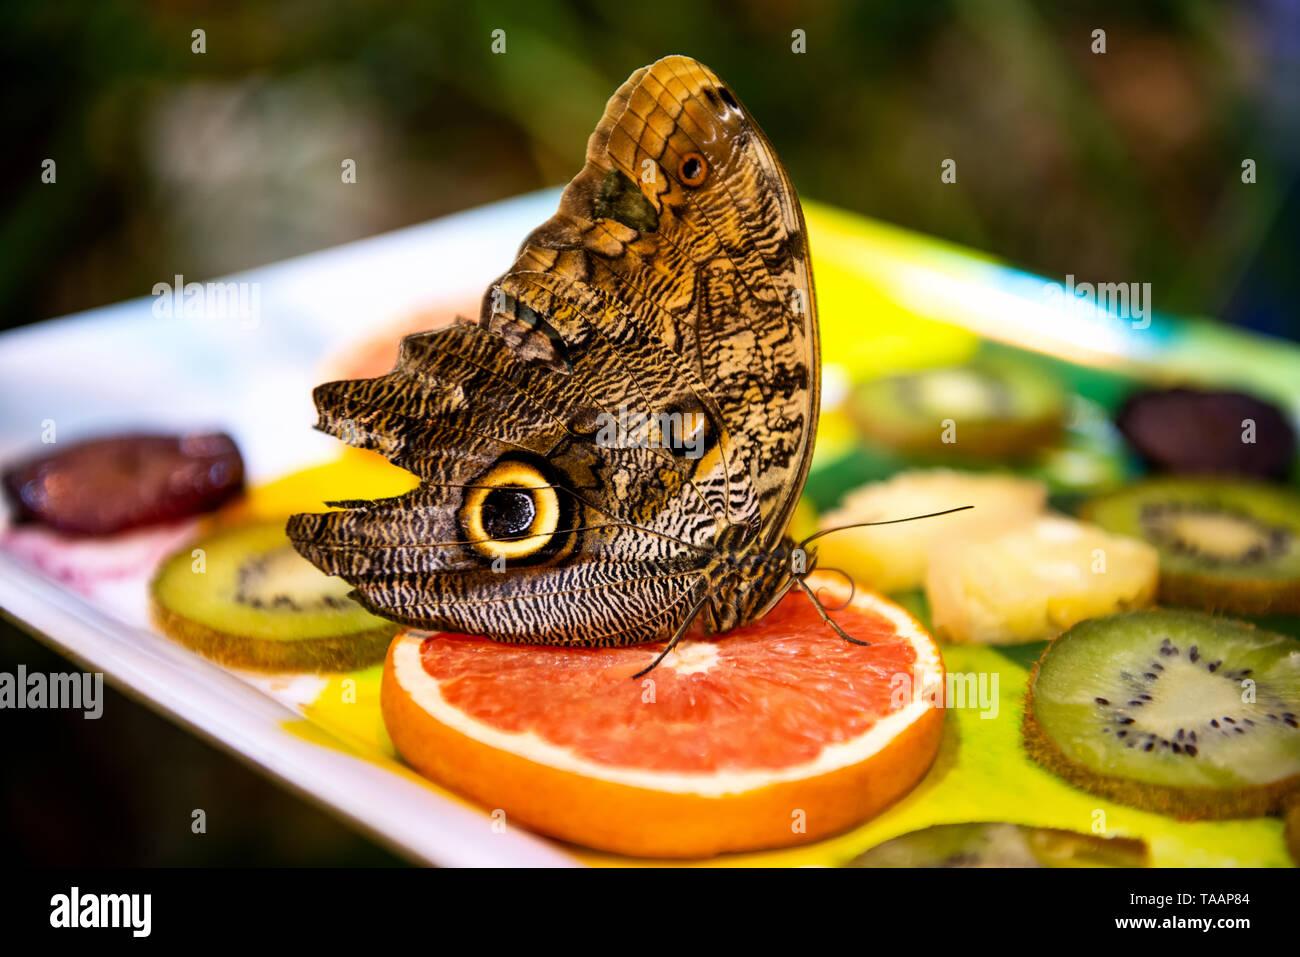 Schöner großer Schmetterling sitzt auf helle Früchte auf unscharfen Hintergrund Stockbild